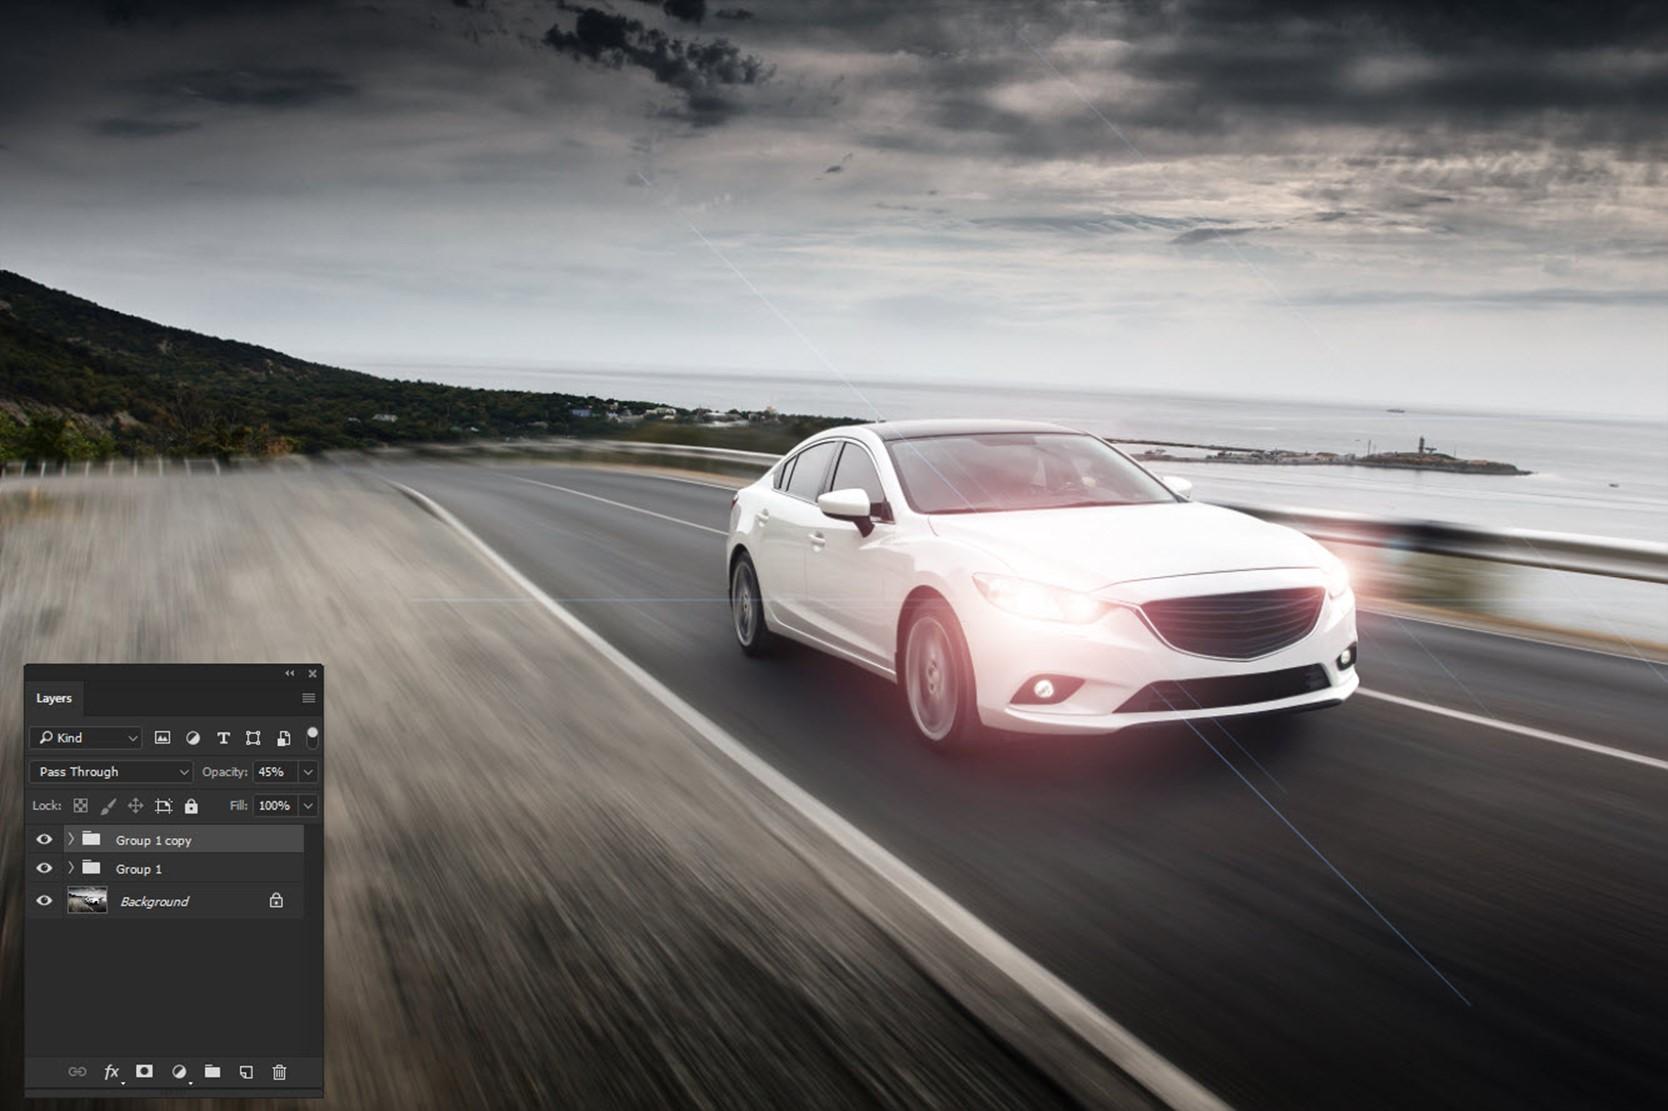 091017_1237_AddRealisti2 - Add Realistic Headlights in Car using Photoshop